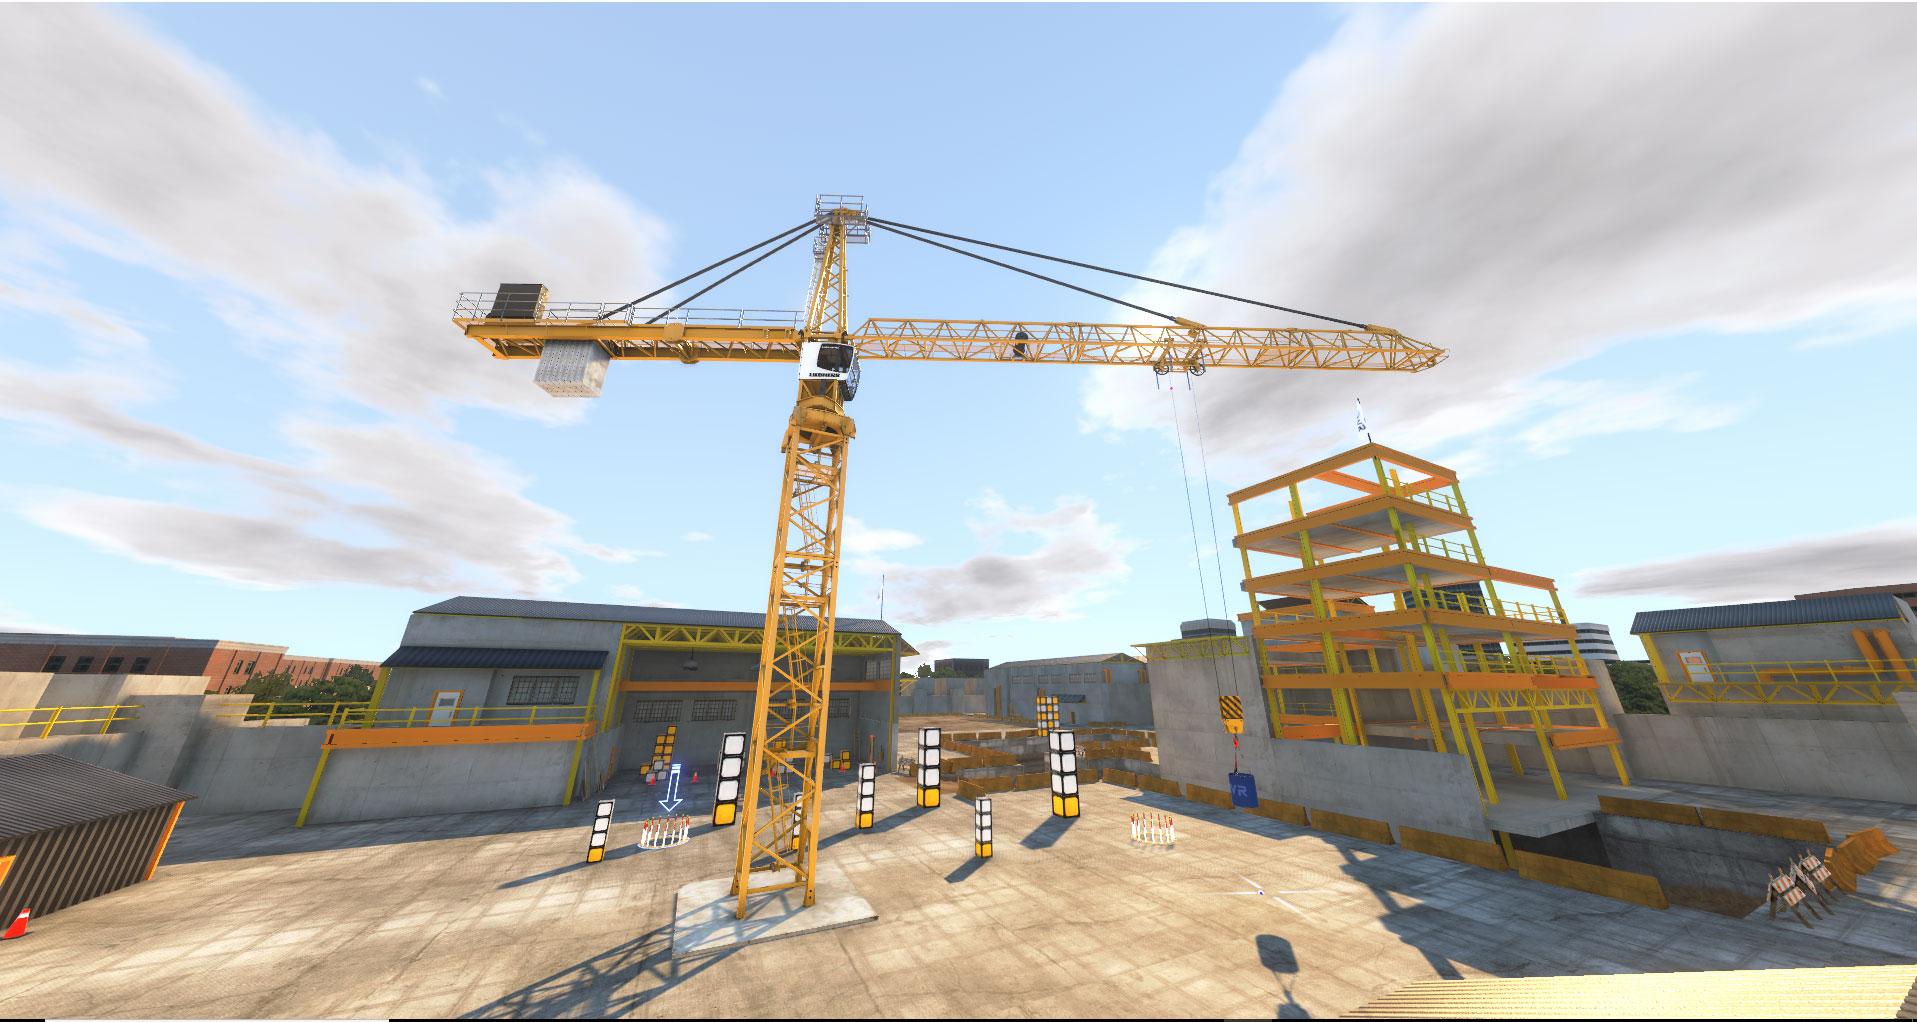 VR-Tower-Crane-Slide-1280px-01.jpg